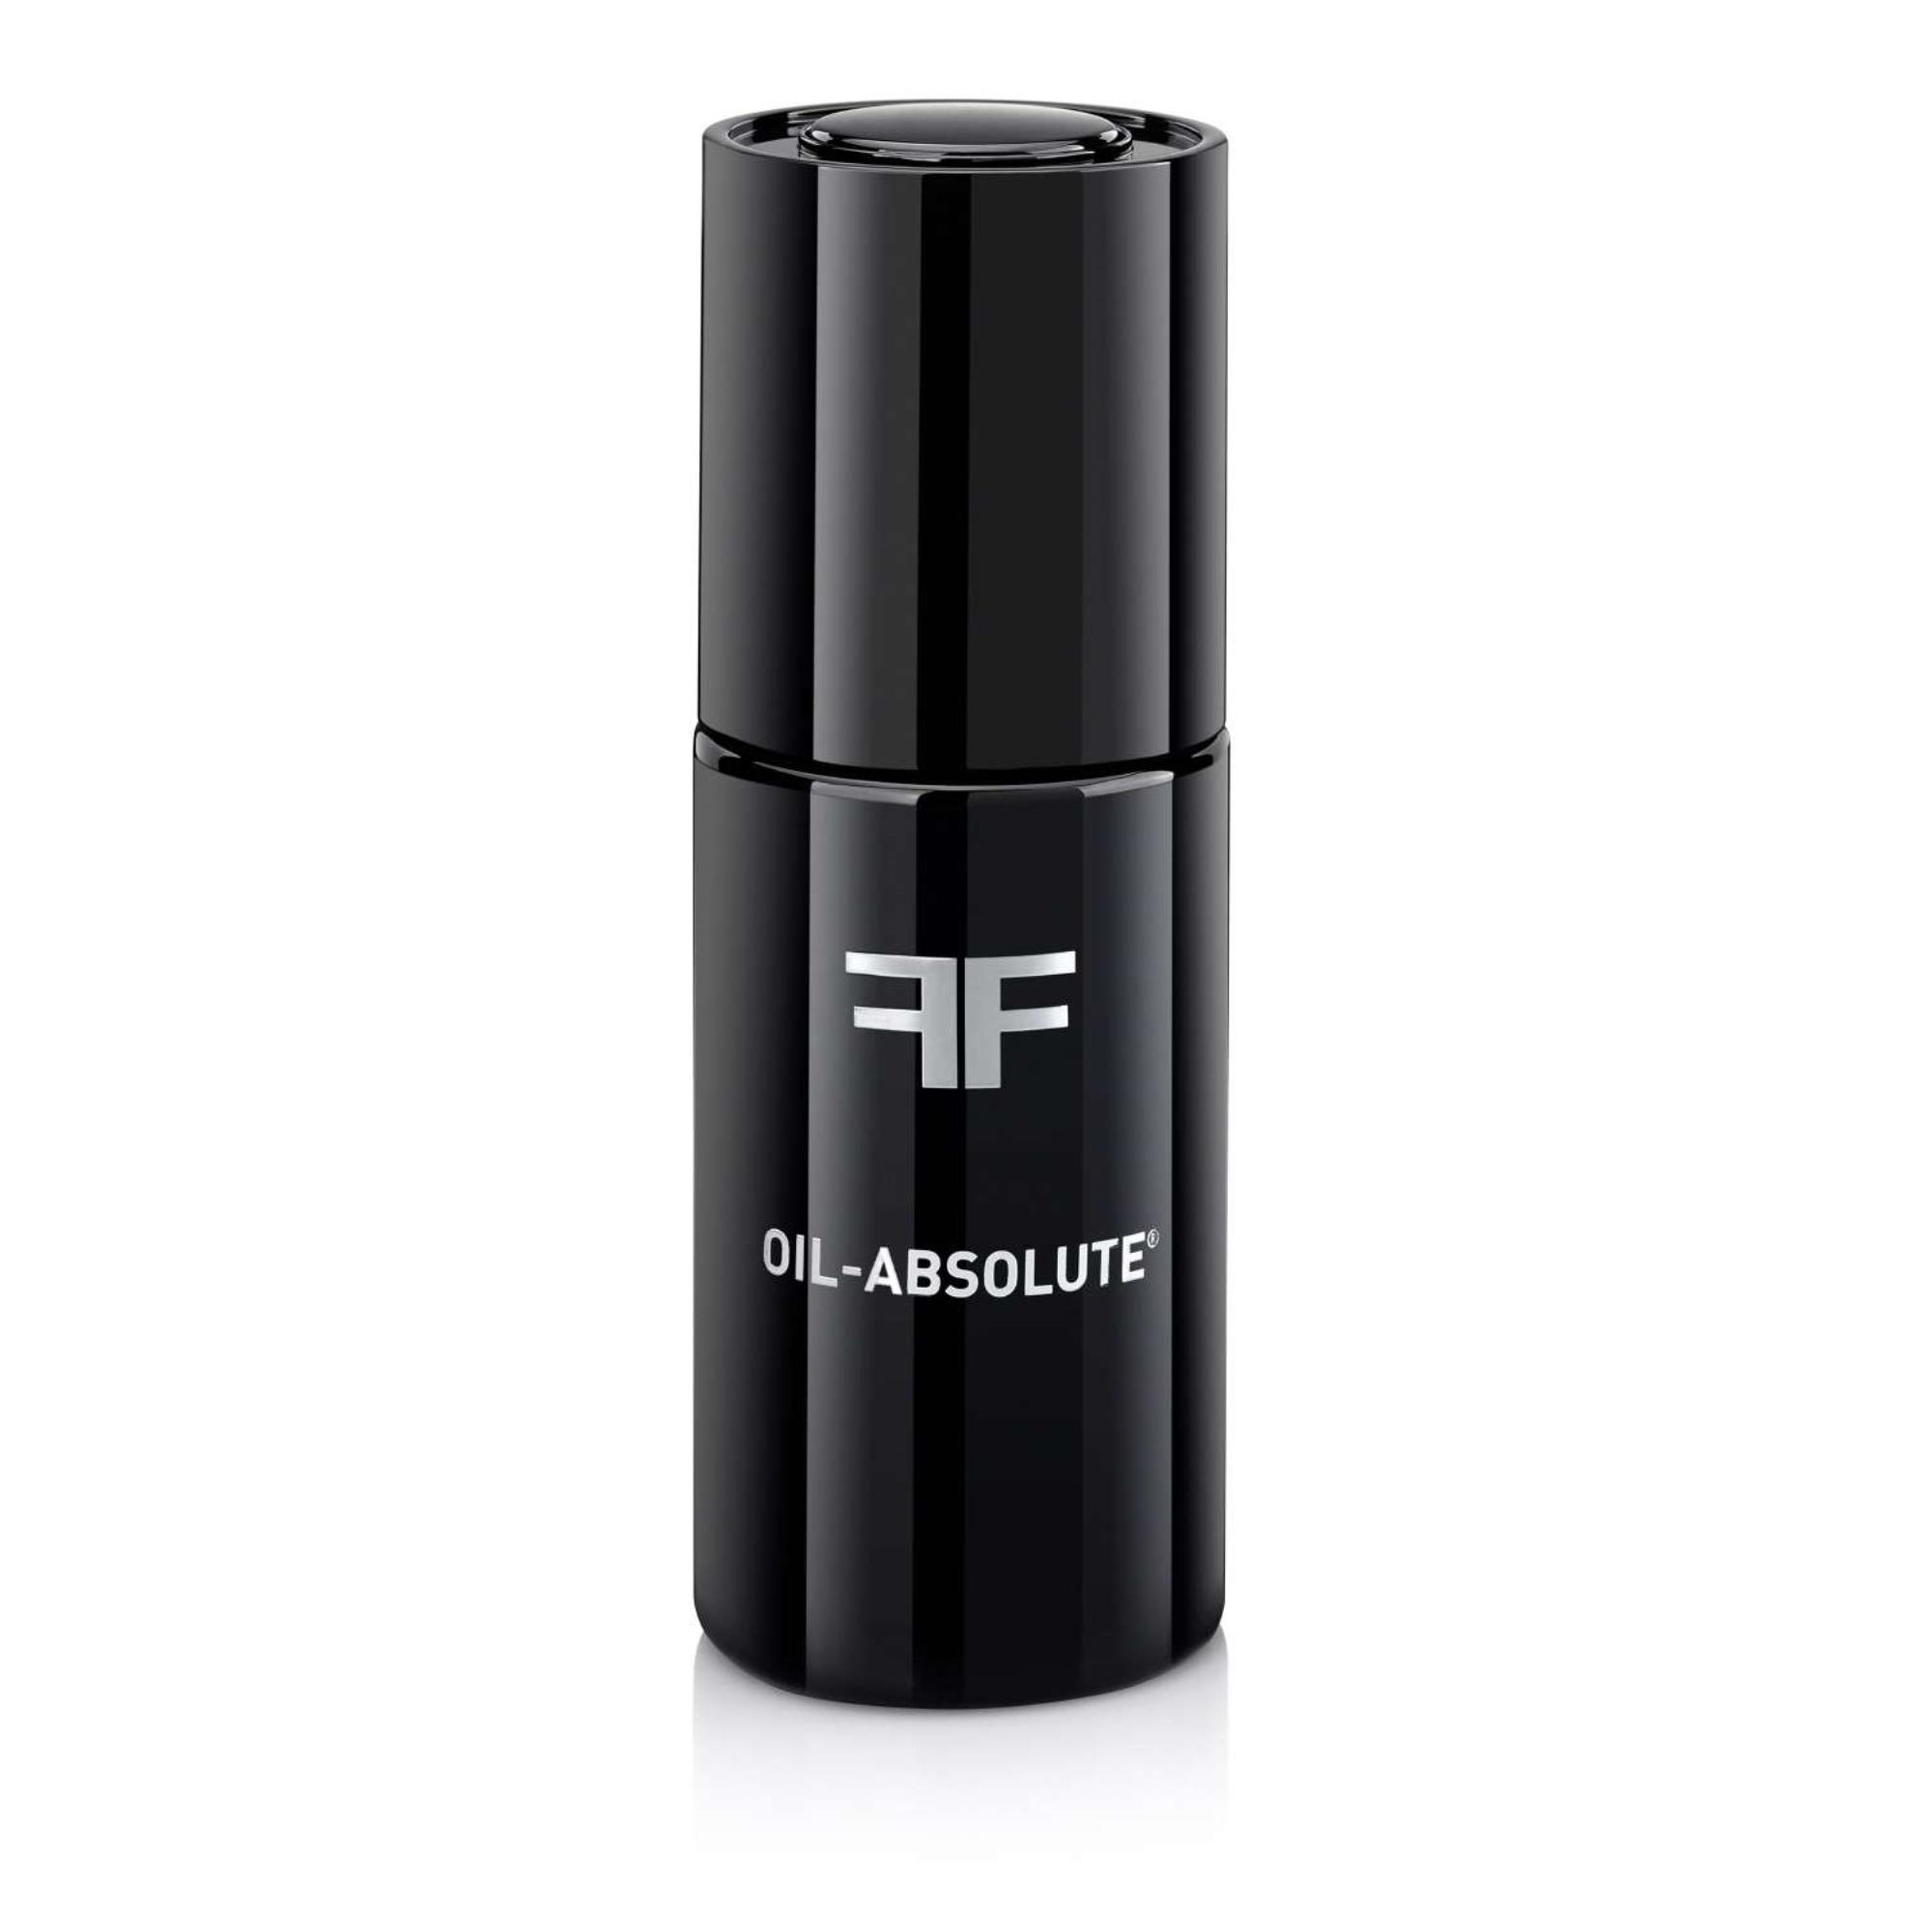 Oil-Absolute Facial Oil 30ml